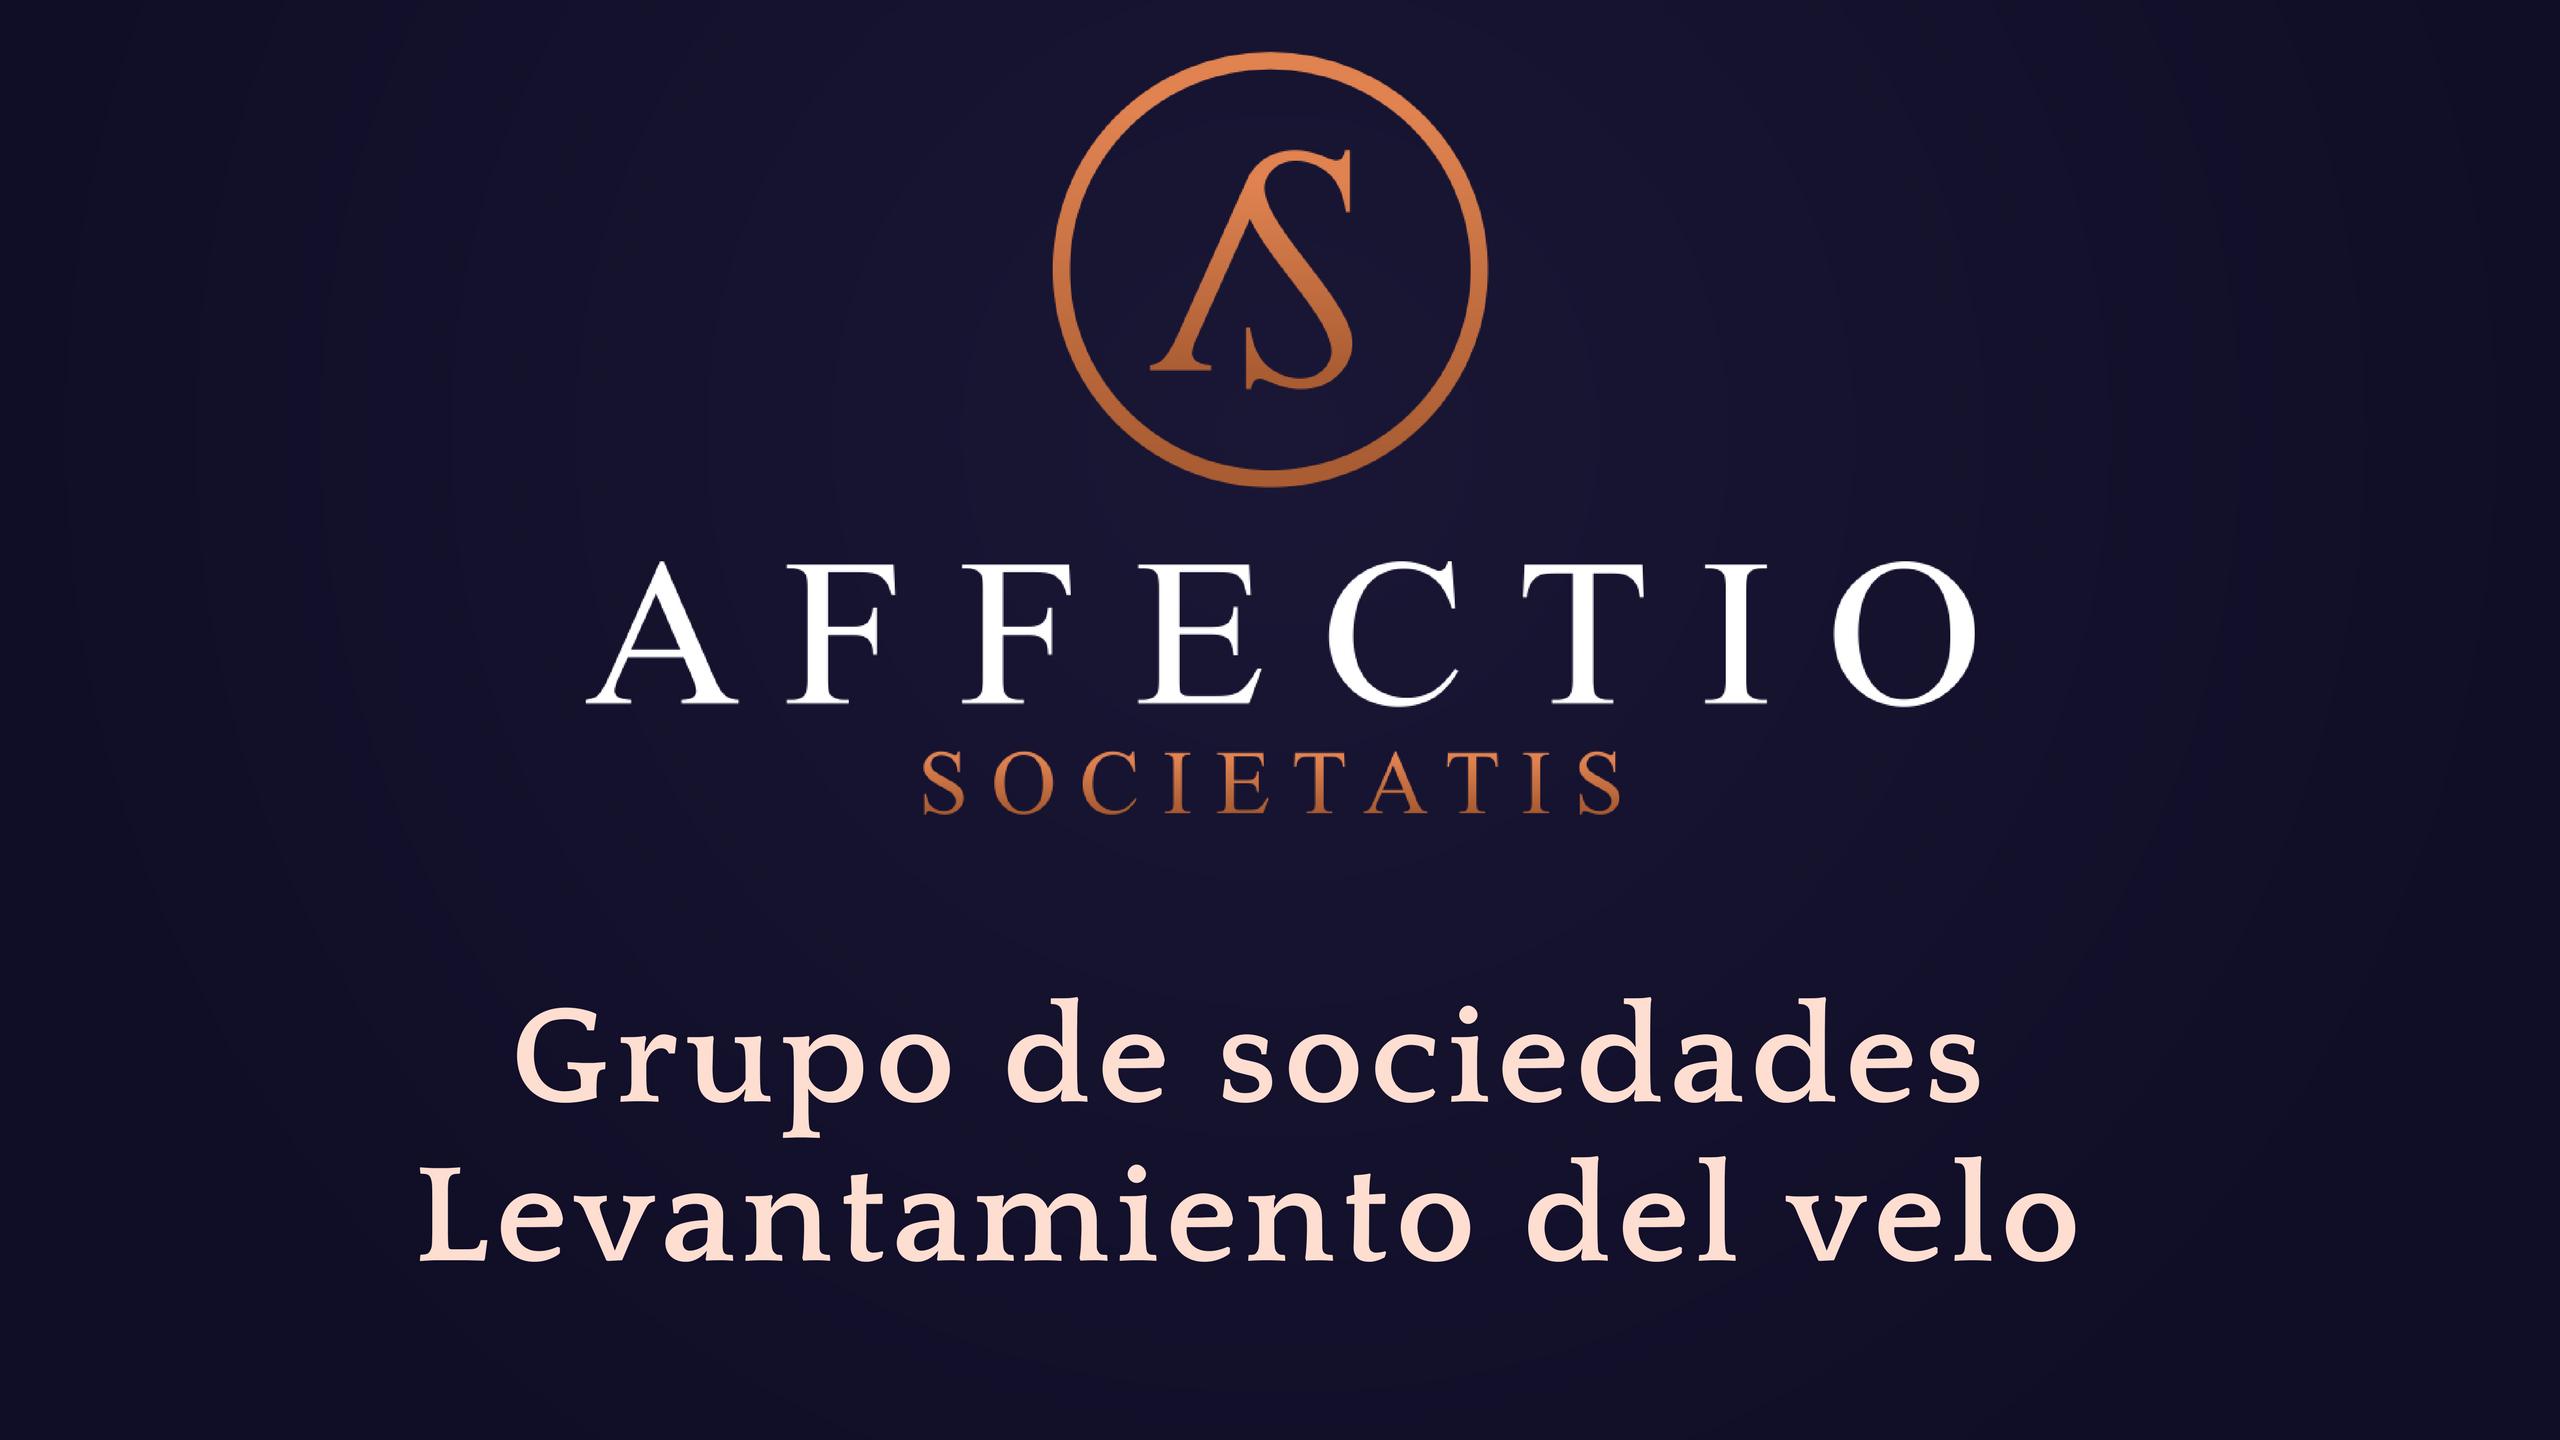 Grupo de sociedades y levantamiento del velo